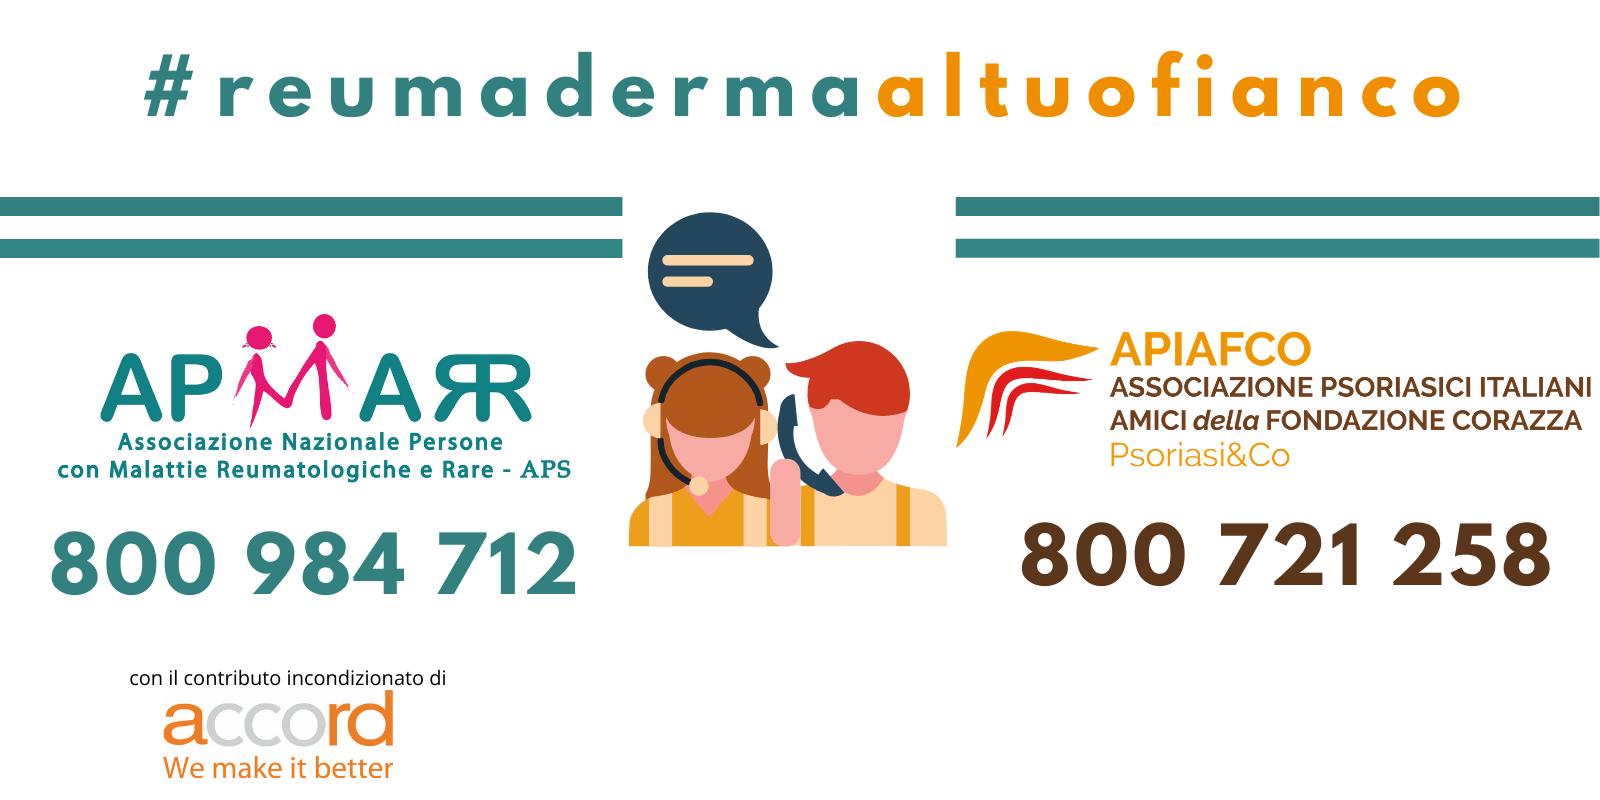 APMARR e APIAFCO lanciano il servizio #reumadermaaltuofianco